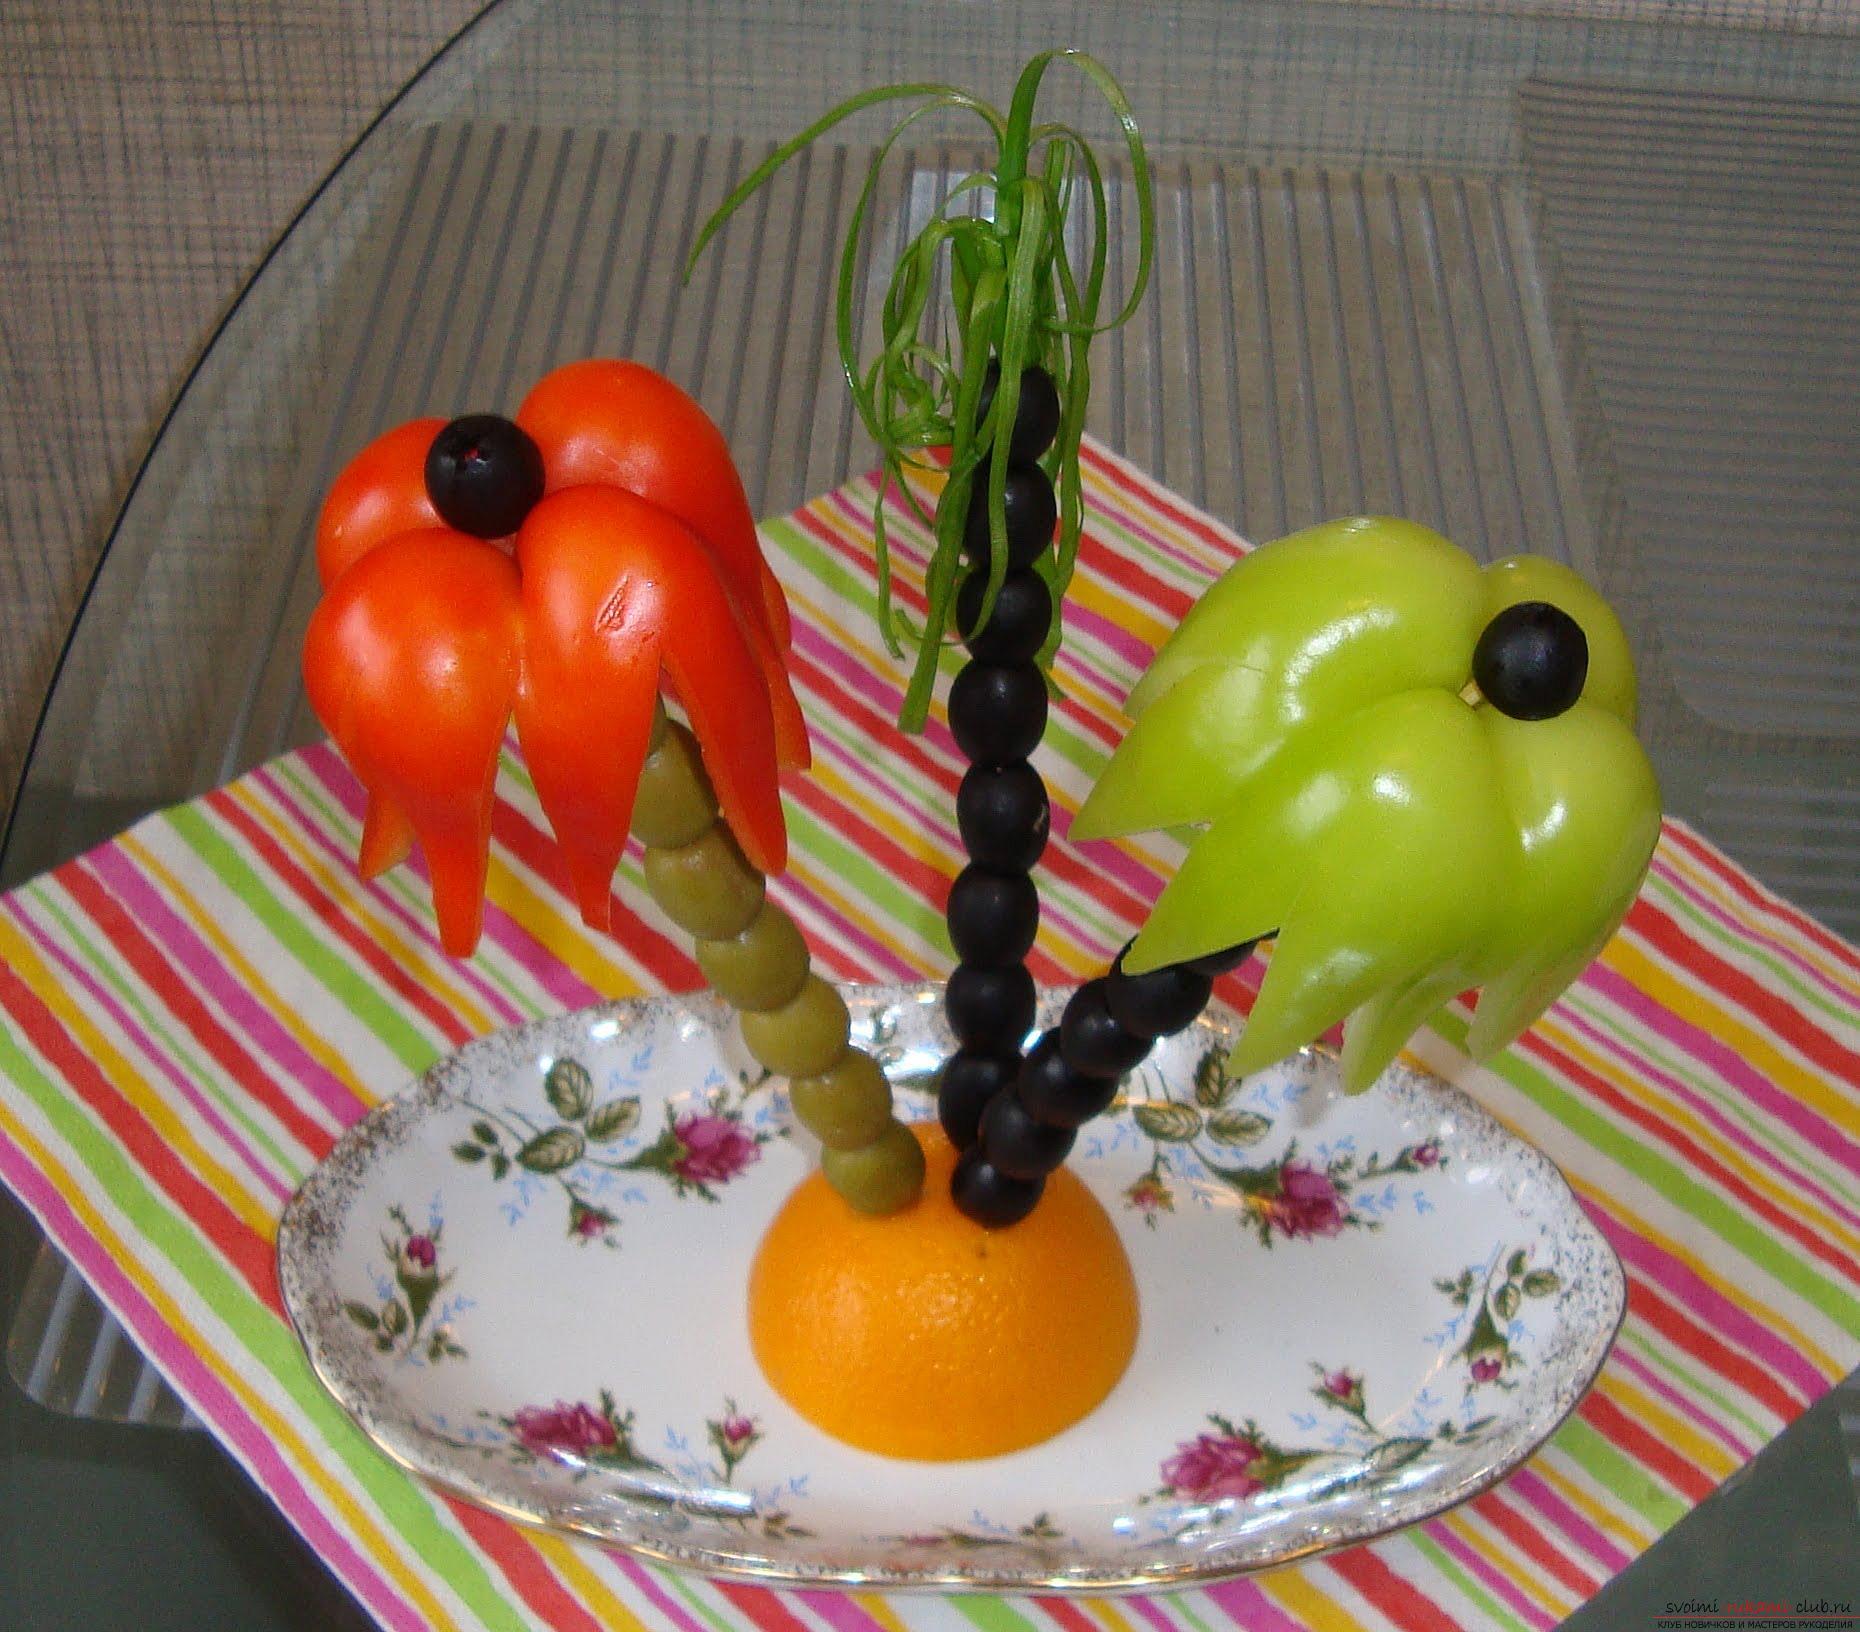 Поделка из овощей и фруктов своими руками фото